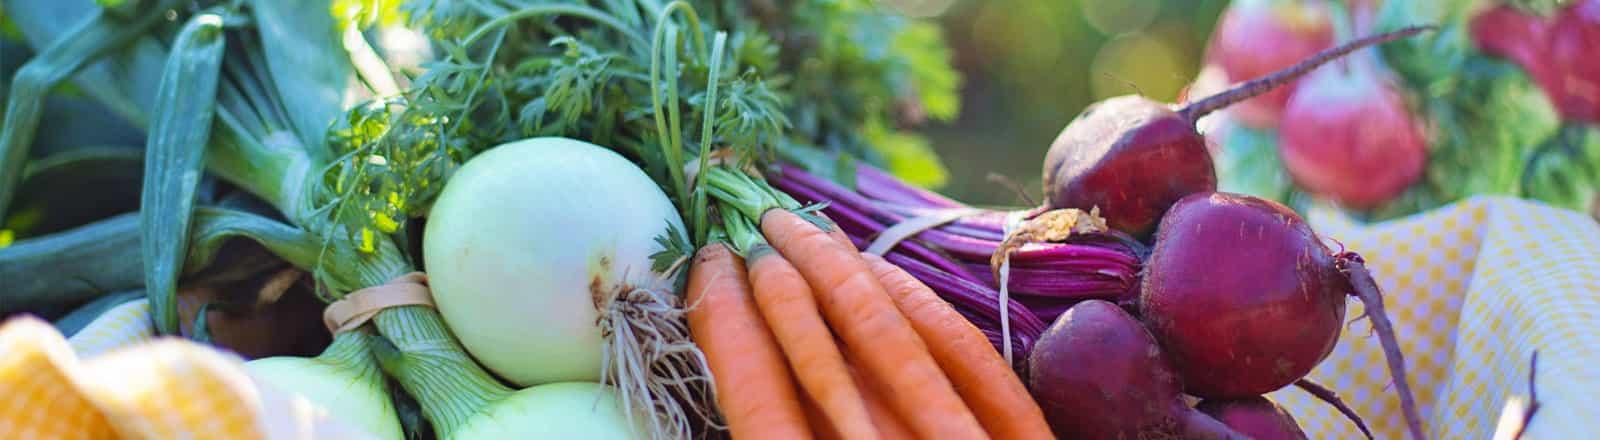 nutrición y visión integral Palma